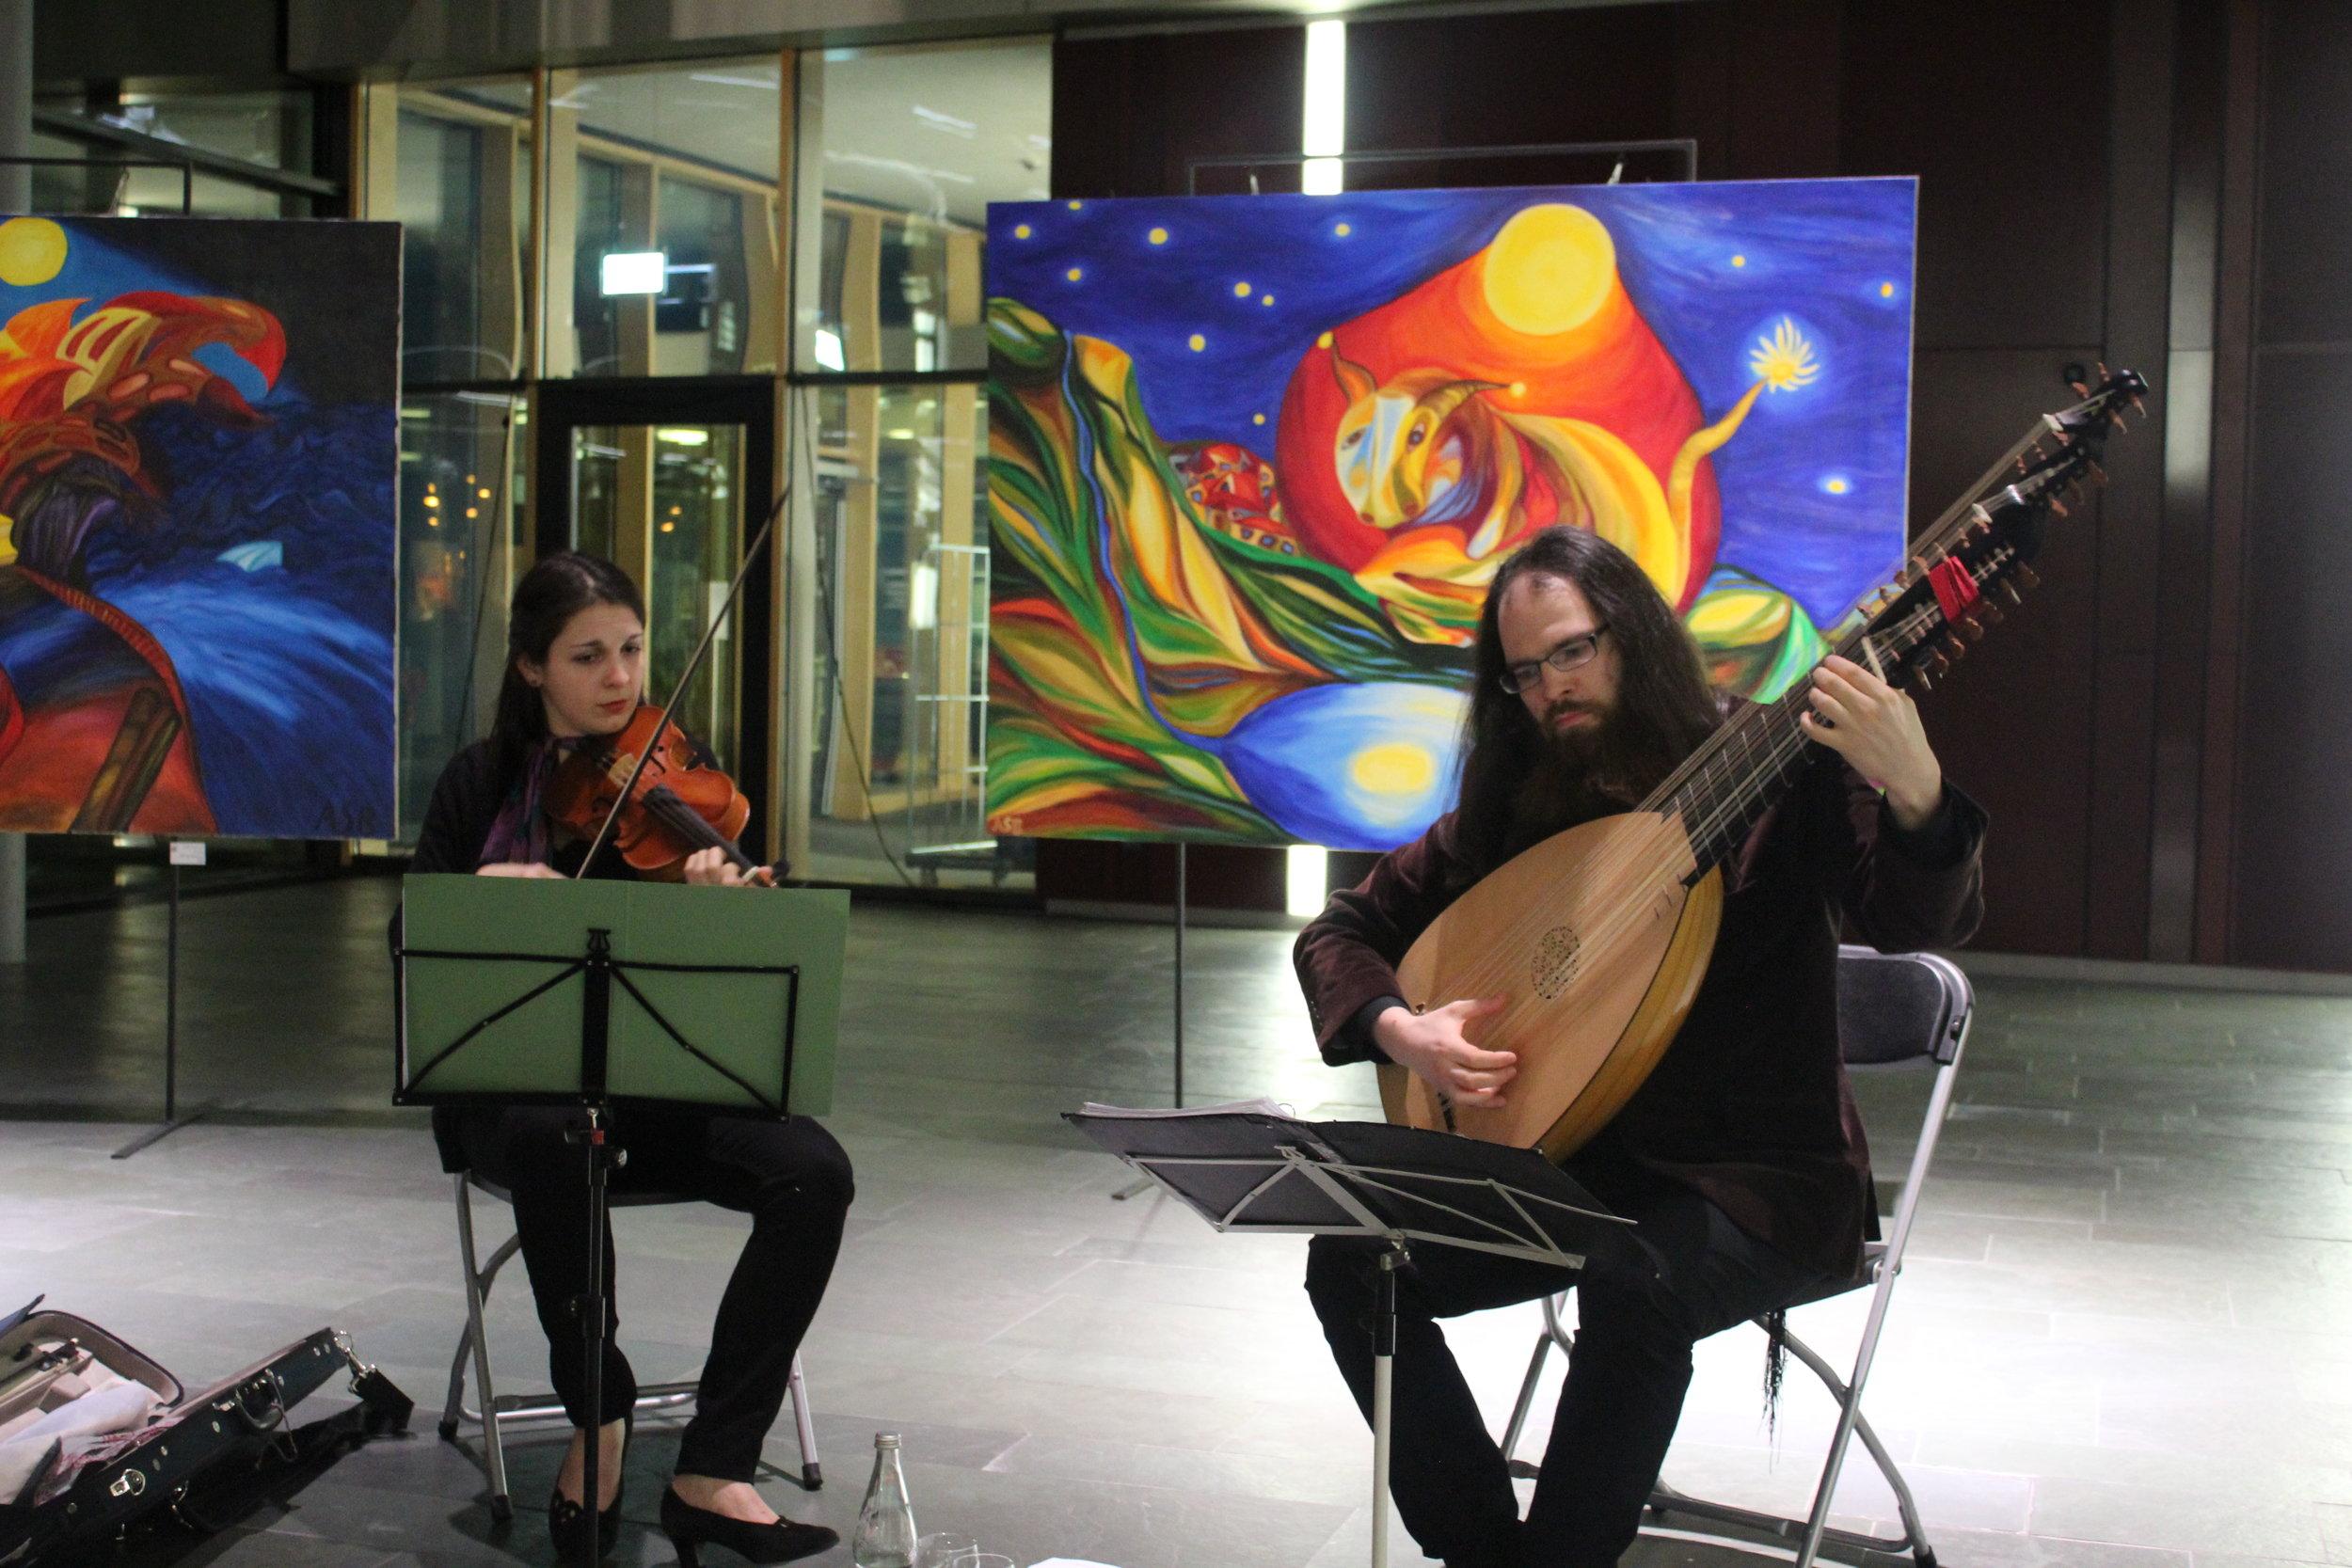 Umrahmt wurde die Veranstaltung mit sensibel vorgetragener Barockmusik durch Zeynep Coskunmeric und David Leeuwarden.